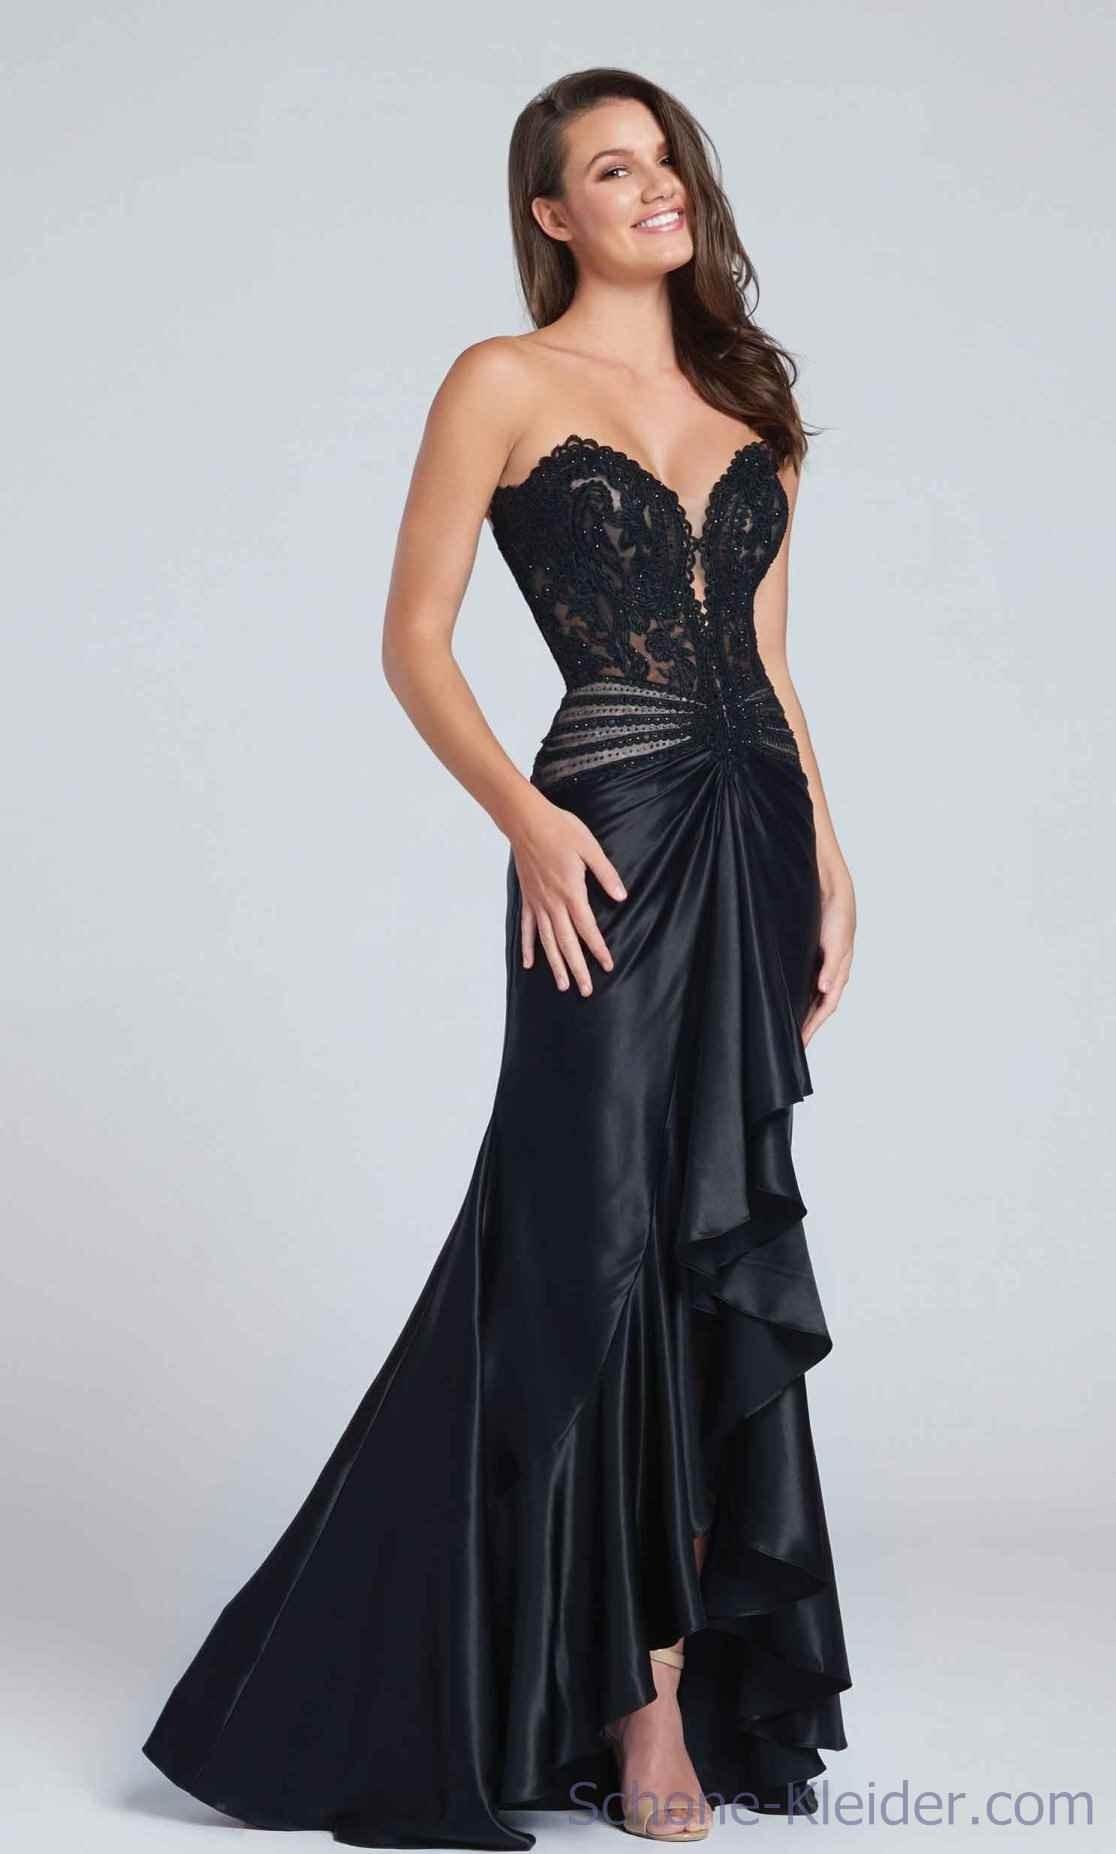 13 Einzigartig Elegante Abendkleider Lang Schwarz VertriebFormal Fantastisch Elegante Abendkleider Lang Schwarz Ärmel